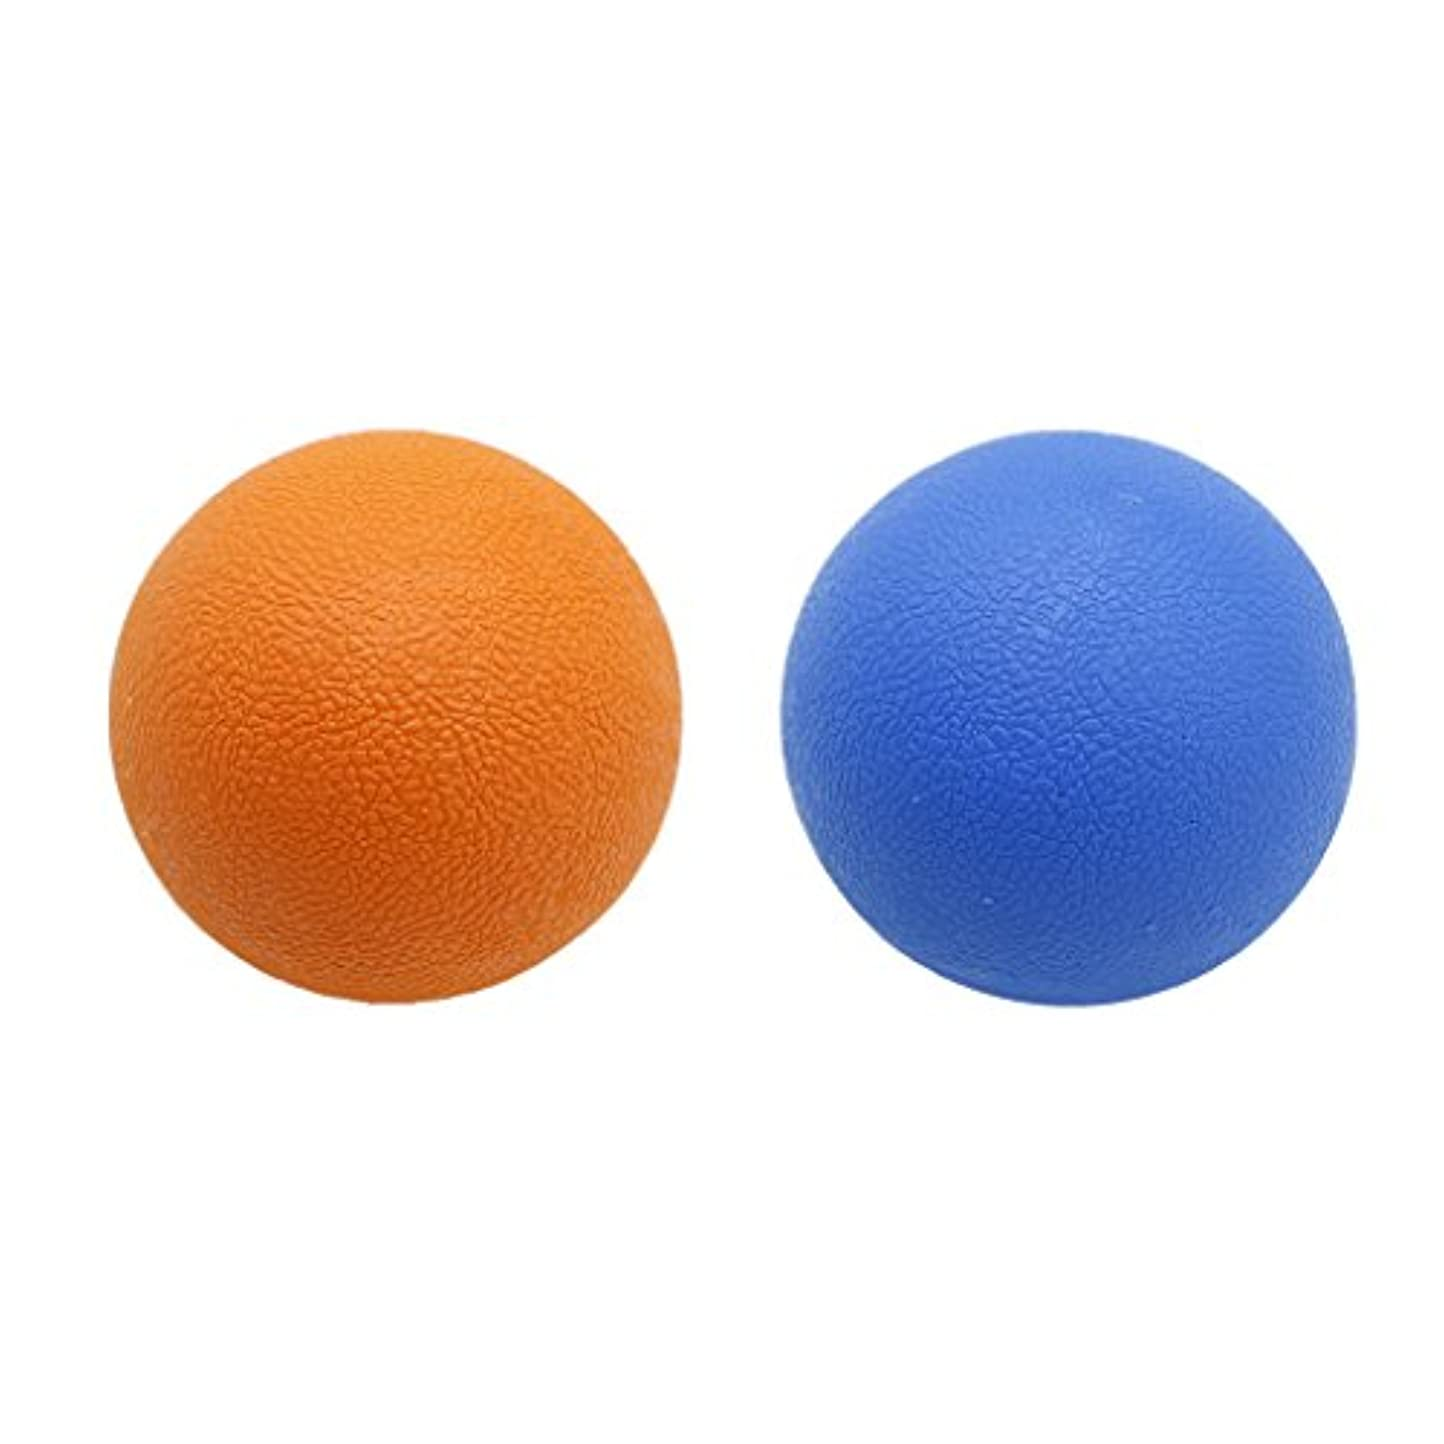 こんにちはドラフトたらい2個 マッサージボール ストレッチボール トリガーポイント トレーニング マッサージ リラックス 便利 多色選べる - オレンジブルー